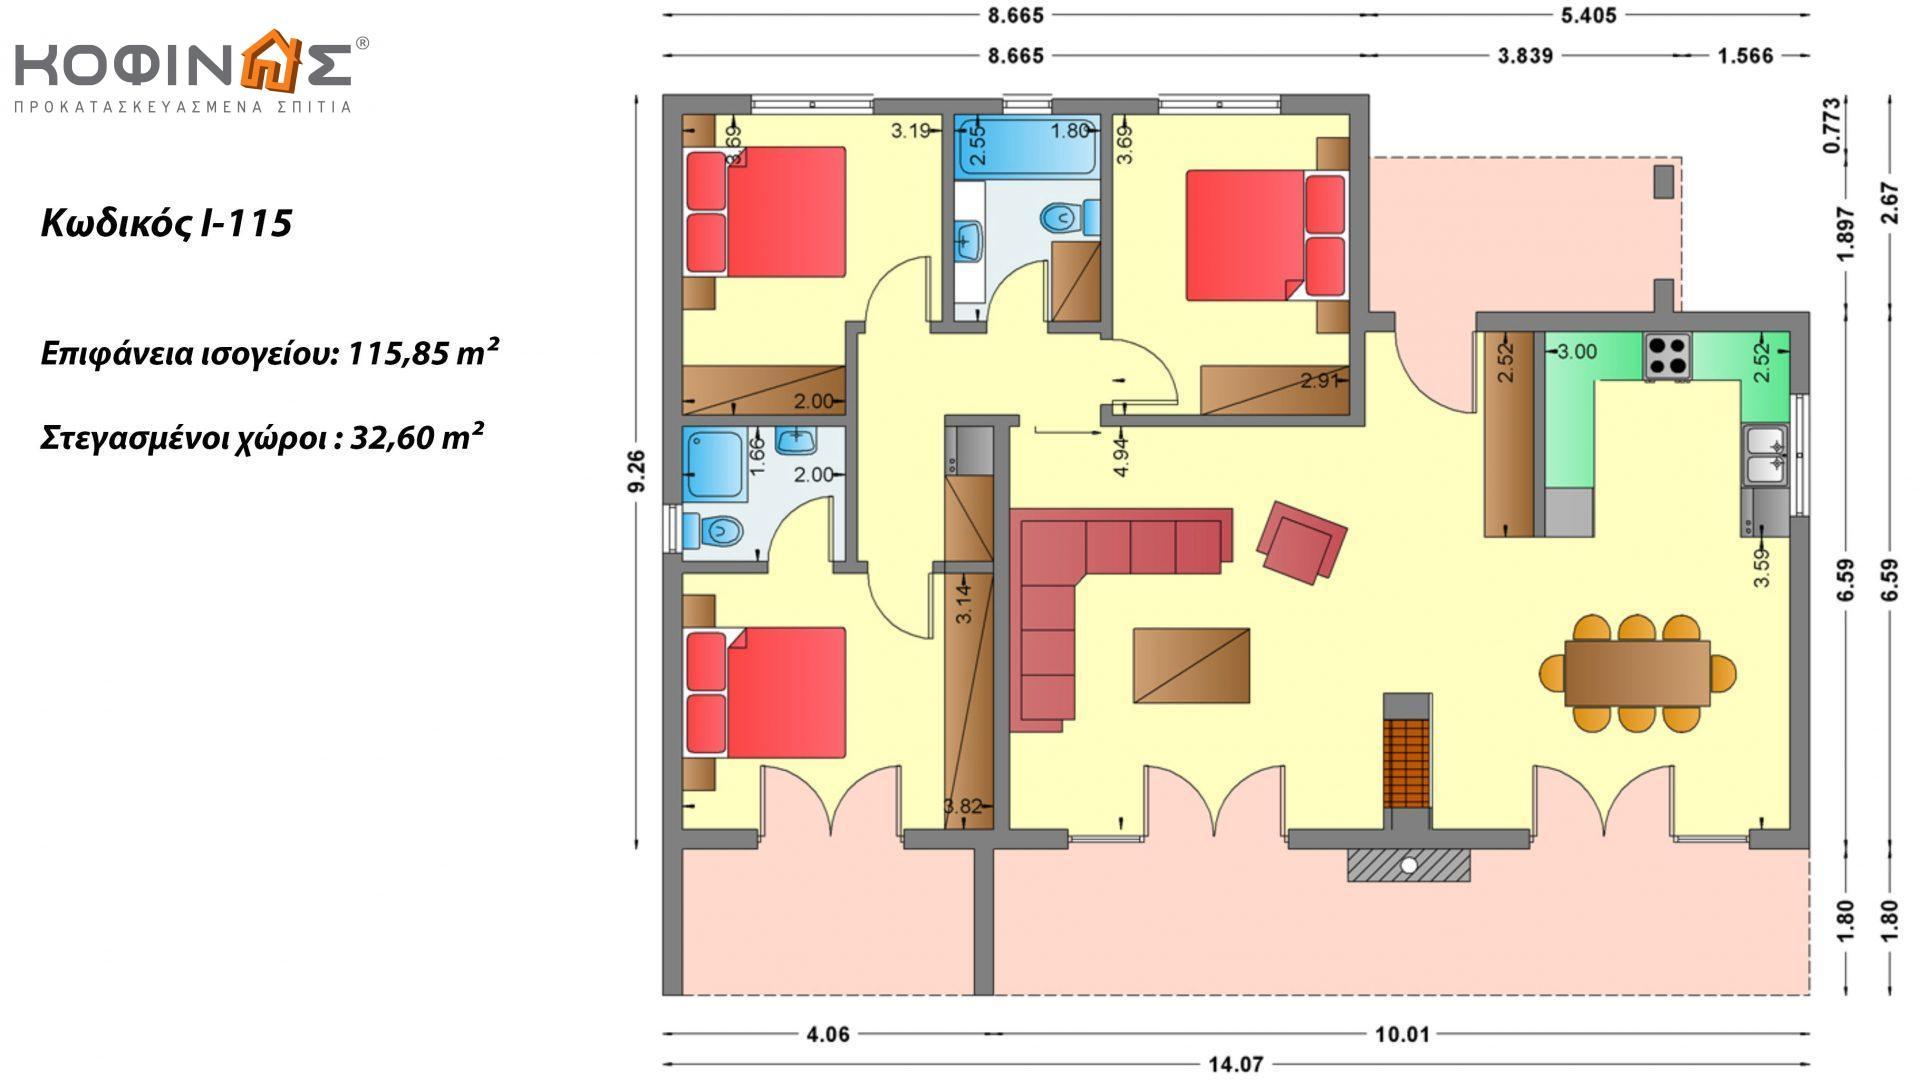 Ισόγεια Κατοικία I-115, συνολικής επιφάνειας 115,85 τ.μ., στεγασμένοι χώροι 32,60 τ.μ.